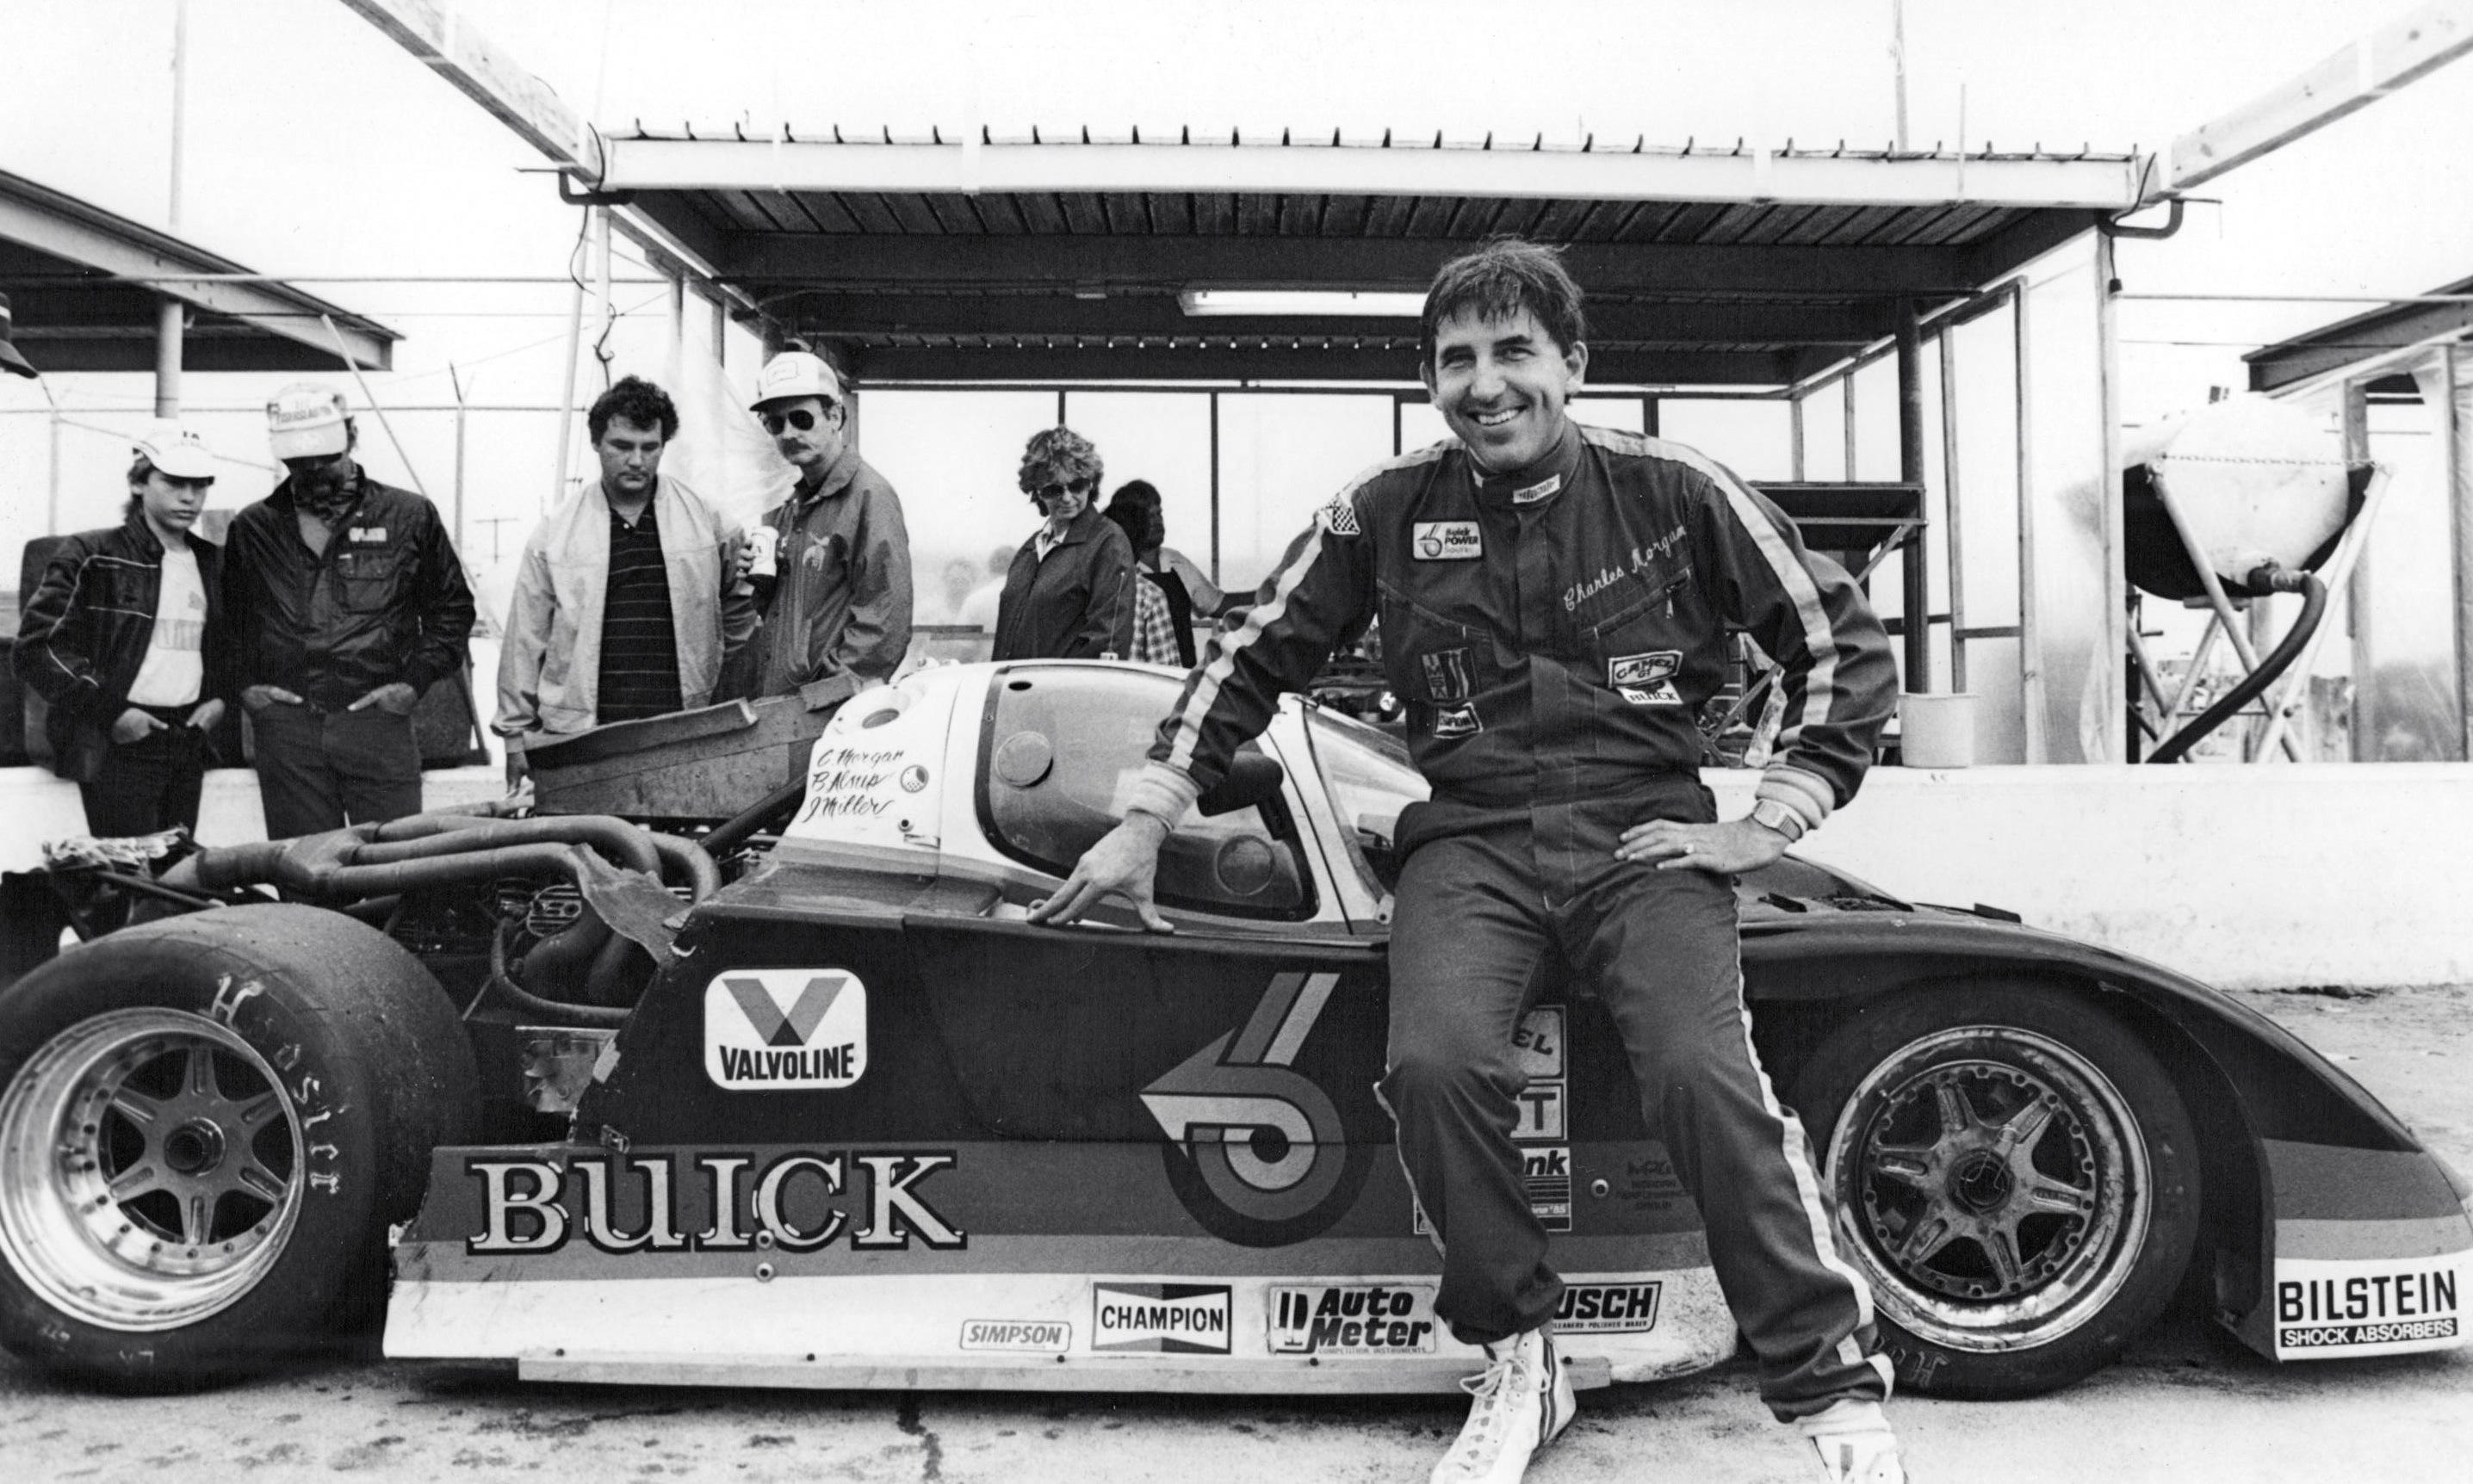 Daytona 80s